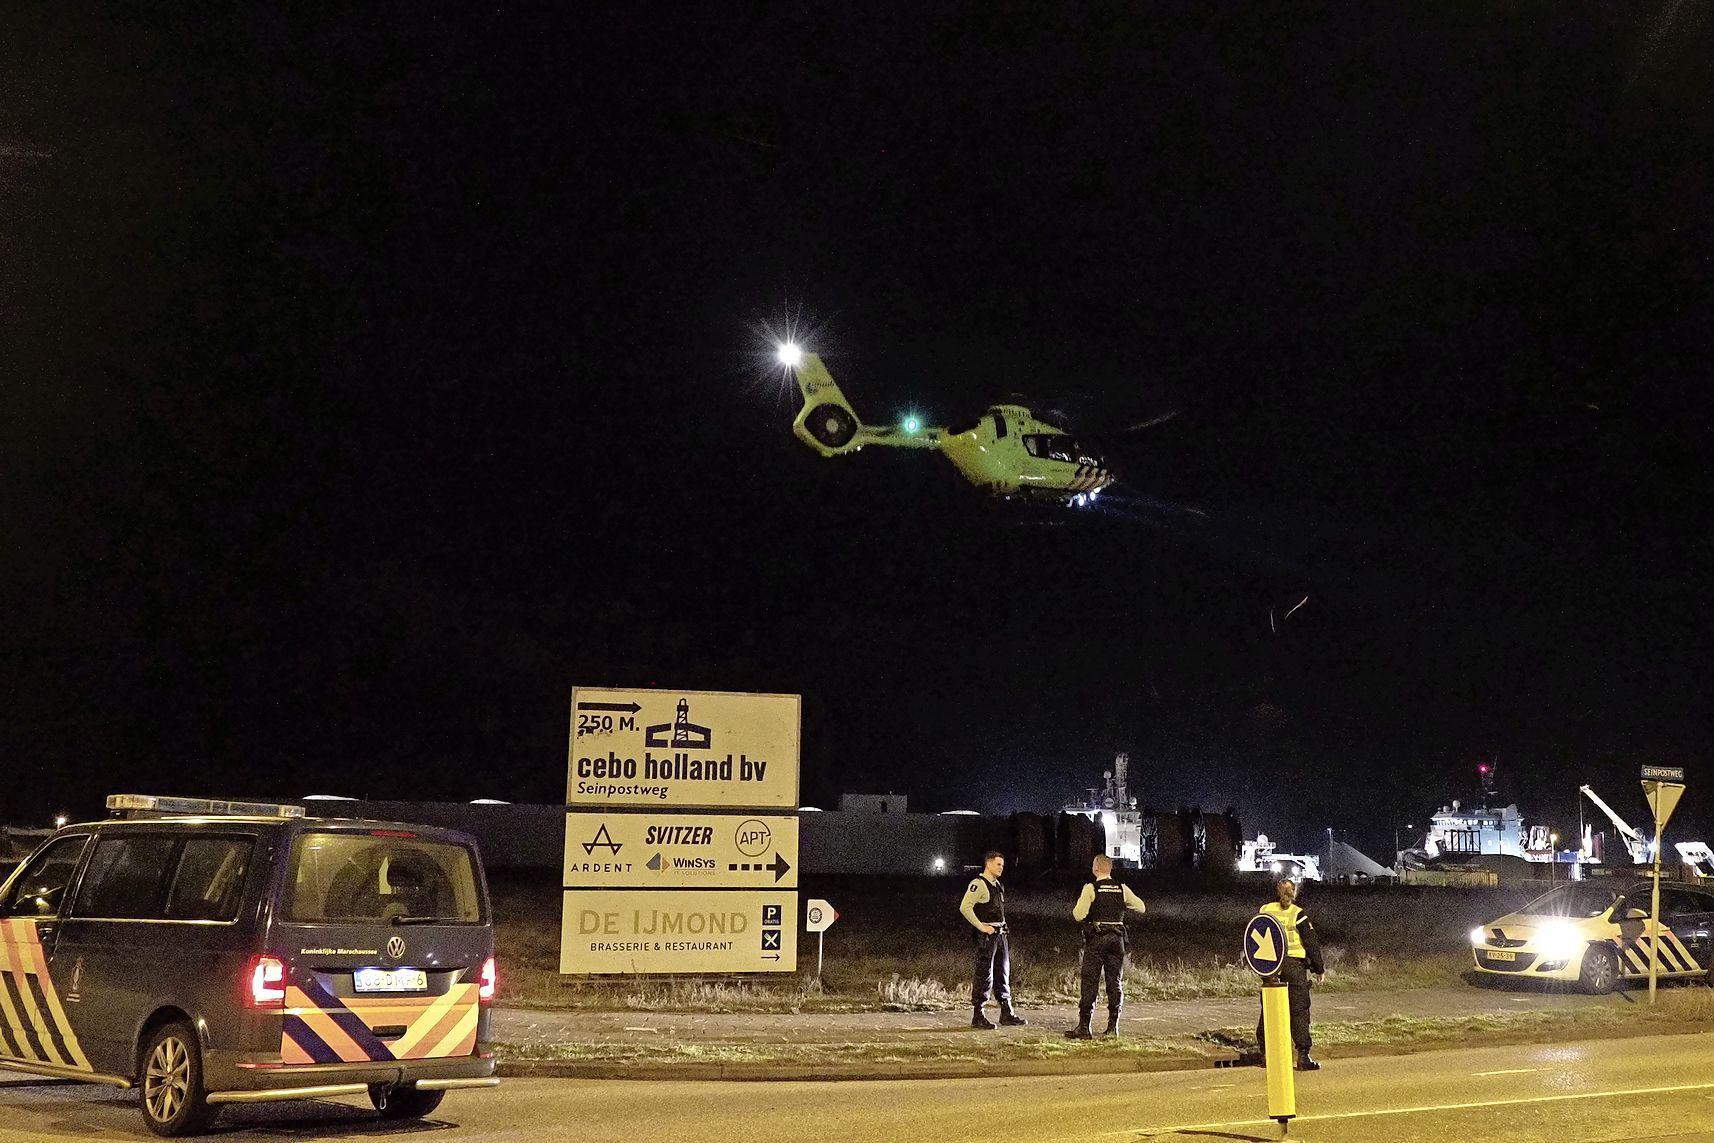 Werknemer valt op betonnen vloer bij bedrijfsongeval in IJmuiden, slachtoffer naar ziekenhuis gebracht